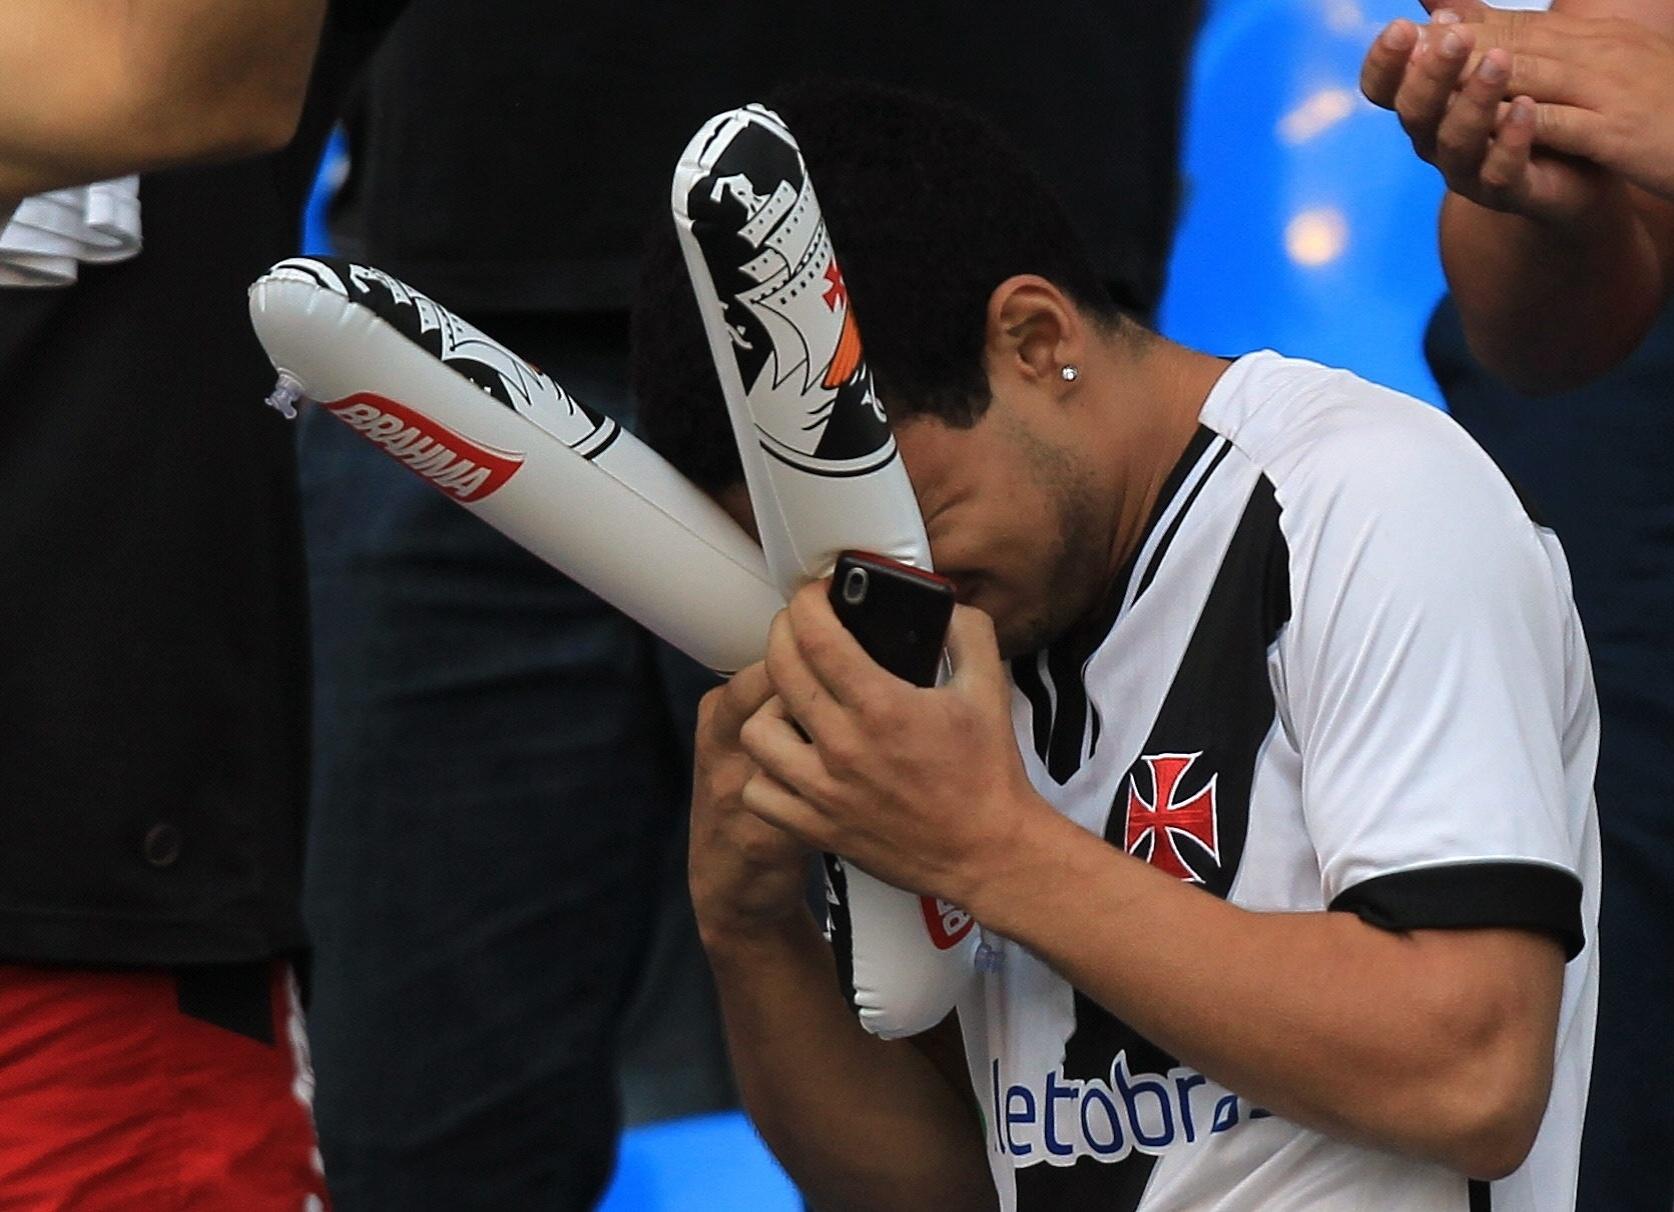 Torcedor do Vasco lamenta o resultado que faz do Vasco o vice-campeão Brasileiro de 2011